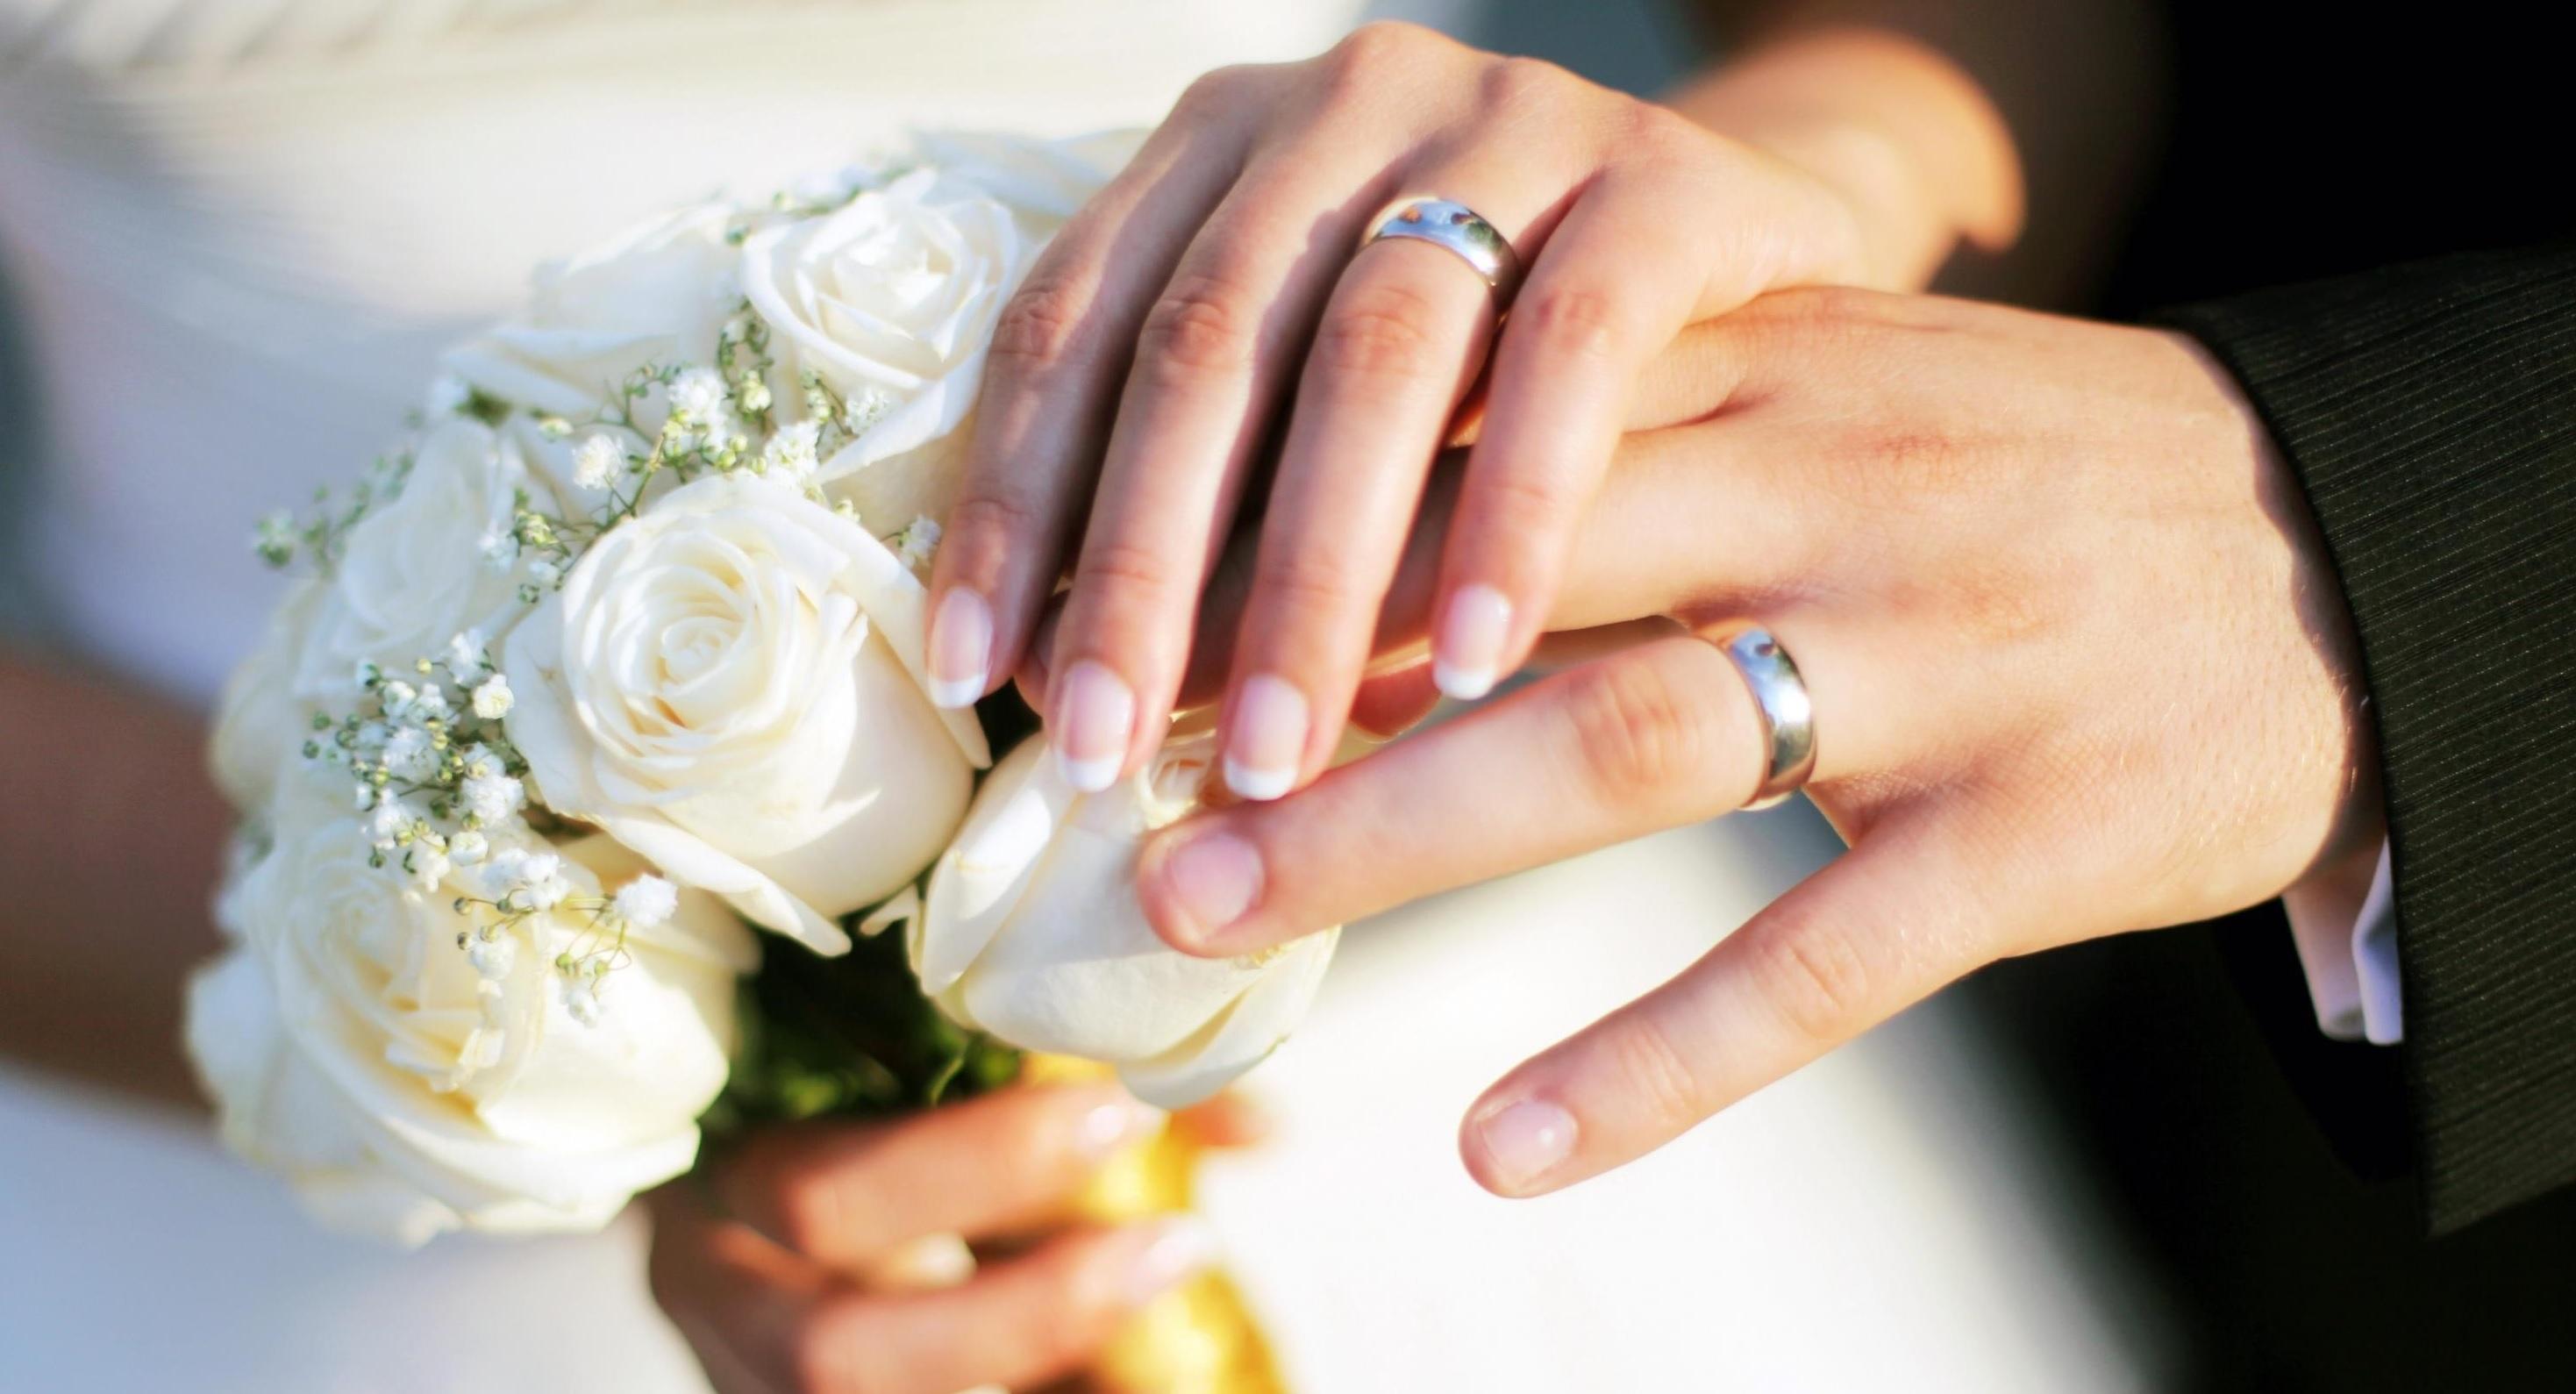 به روز شدن پرداخت وام ازدواج در کشور